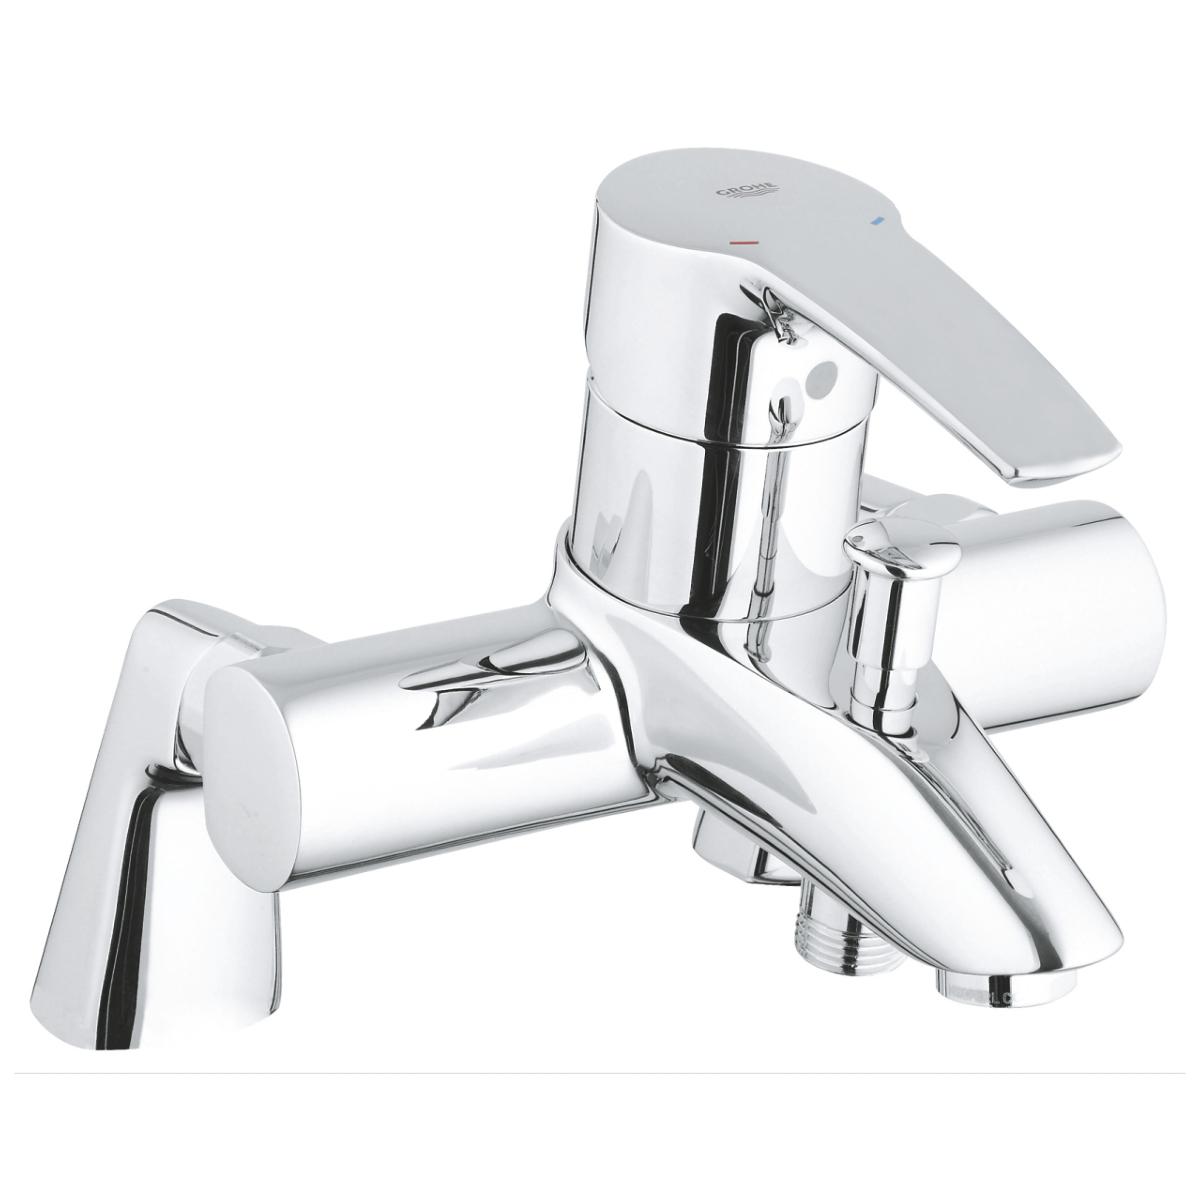 grohe 33612001 mitigeur bain douche eurostyle sur gorge avec raccords colonnettes